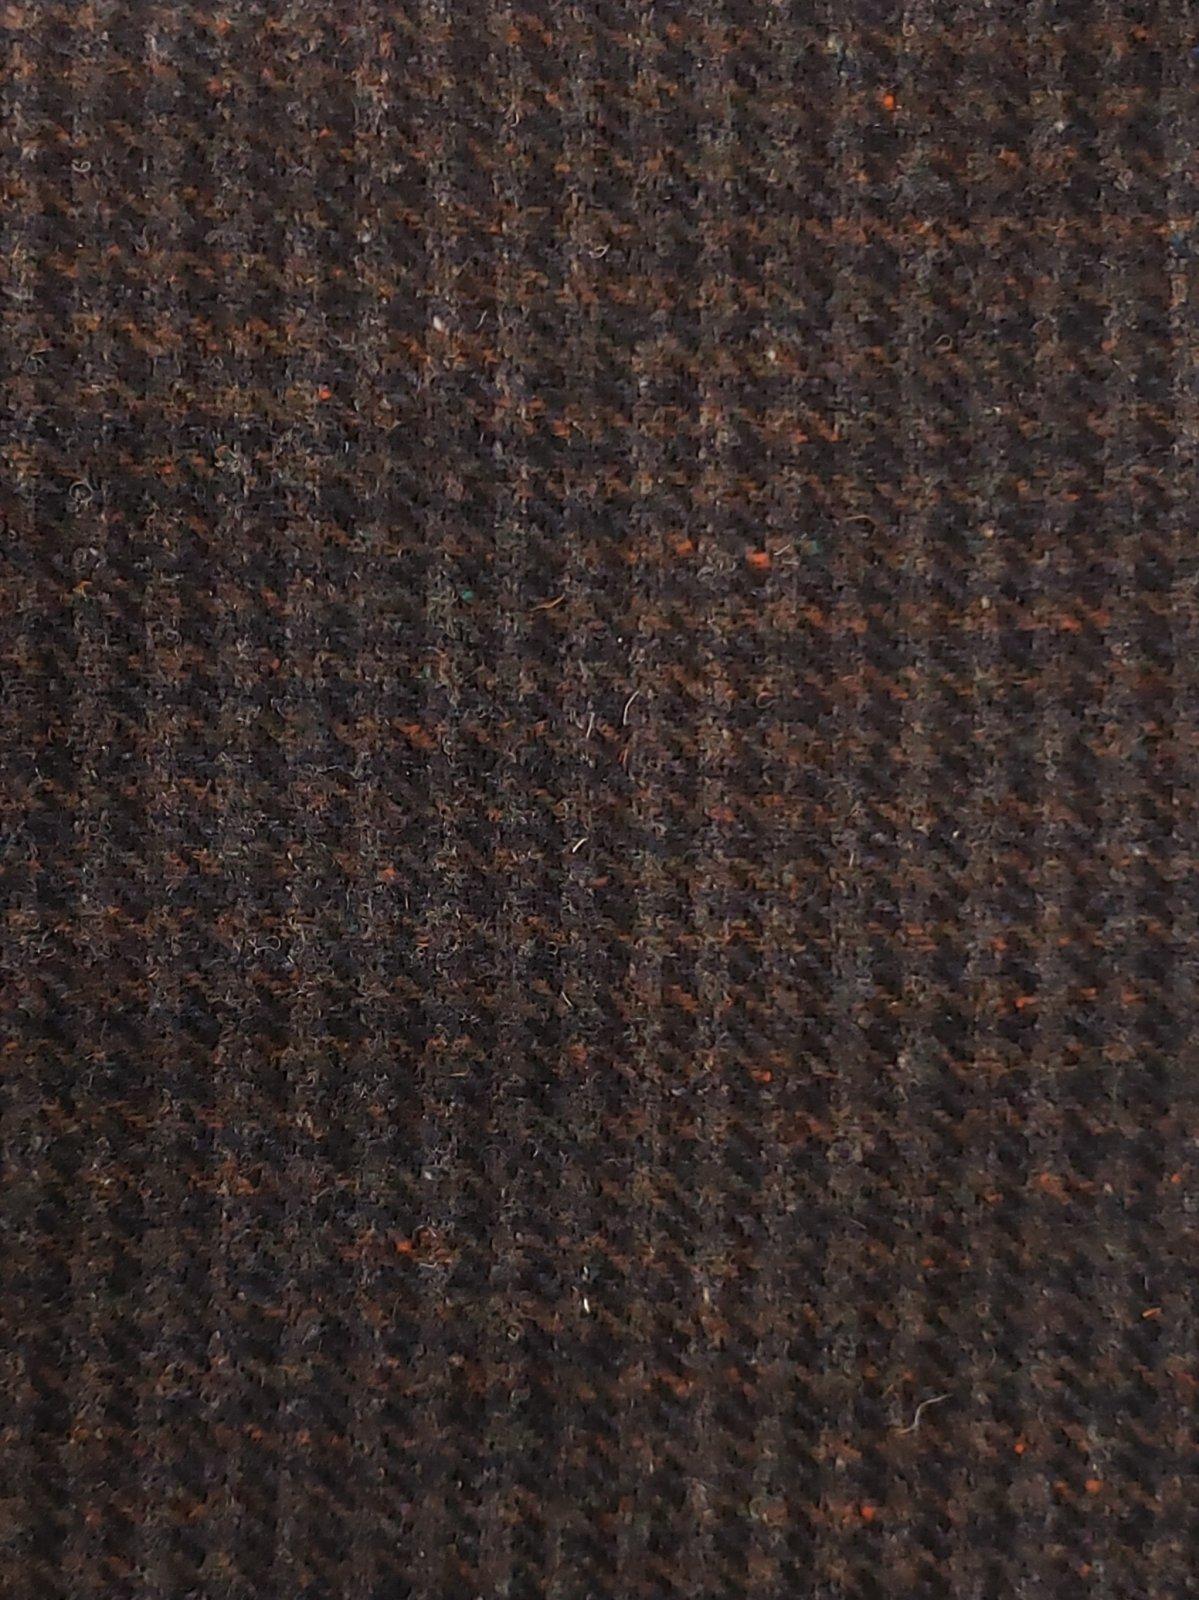 Black/Gray Plaid 100% Wool - 15 x 18